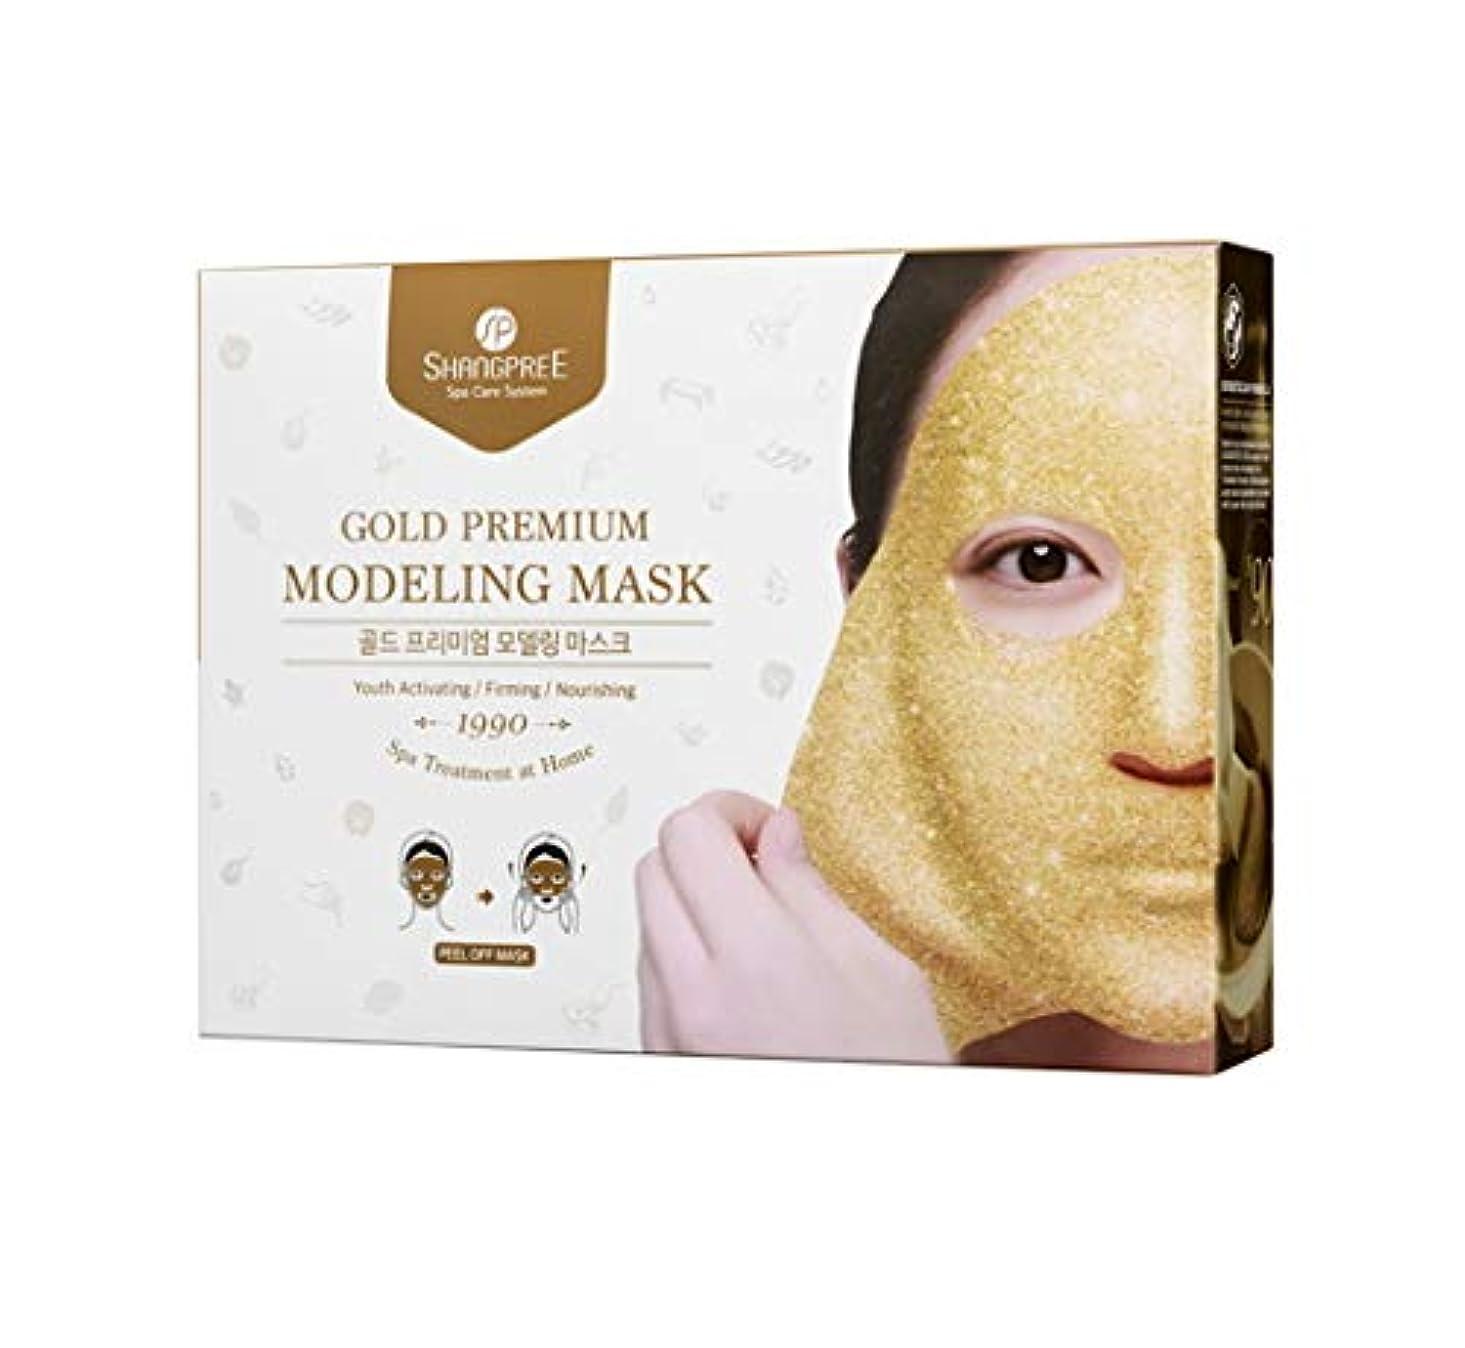 風変わりな操作再発するShangpree プレミアムゴールドモデリングマスク 5枚 gold premium modeling mask 5ea (並行輸入品)